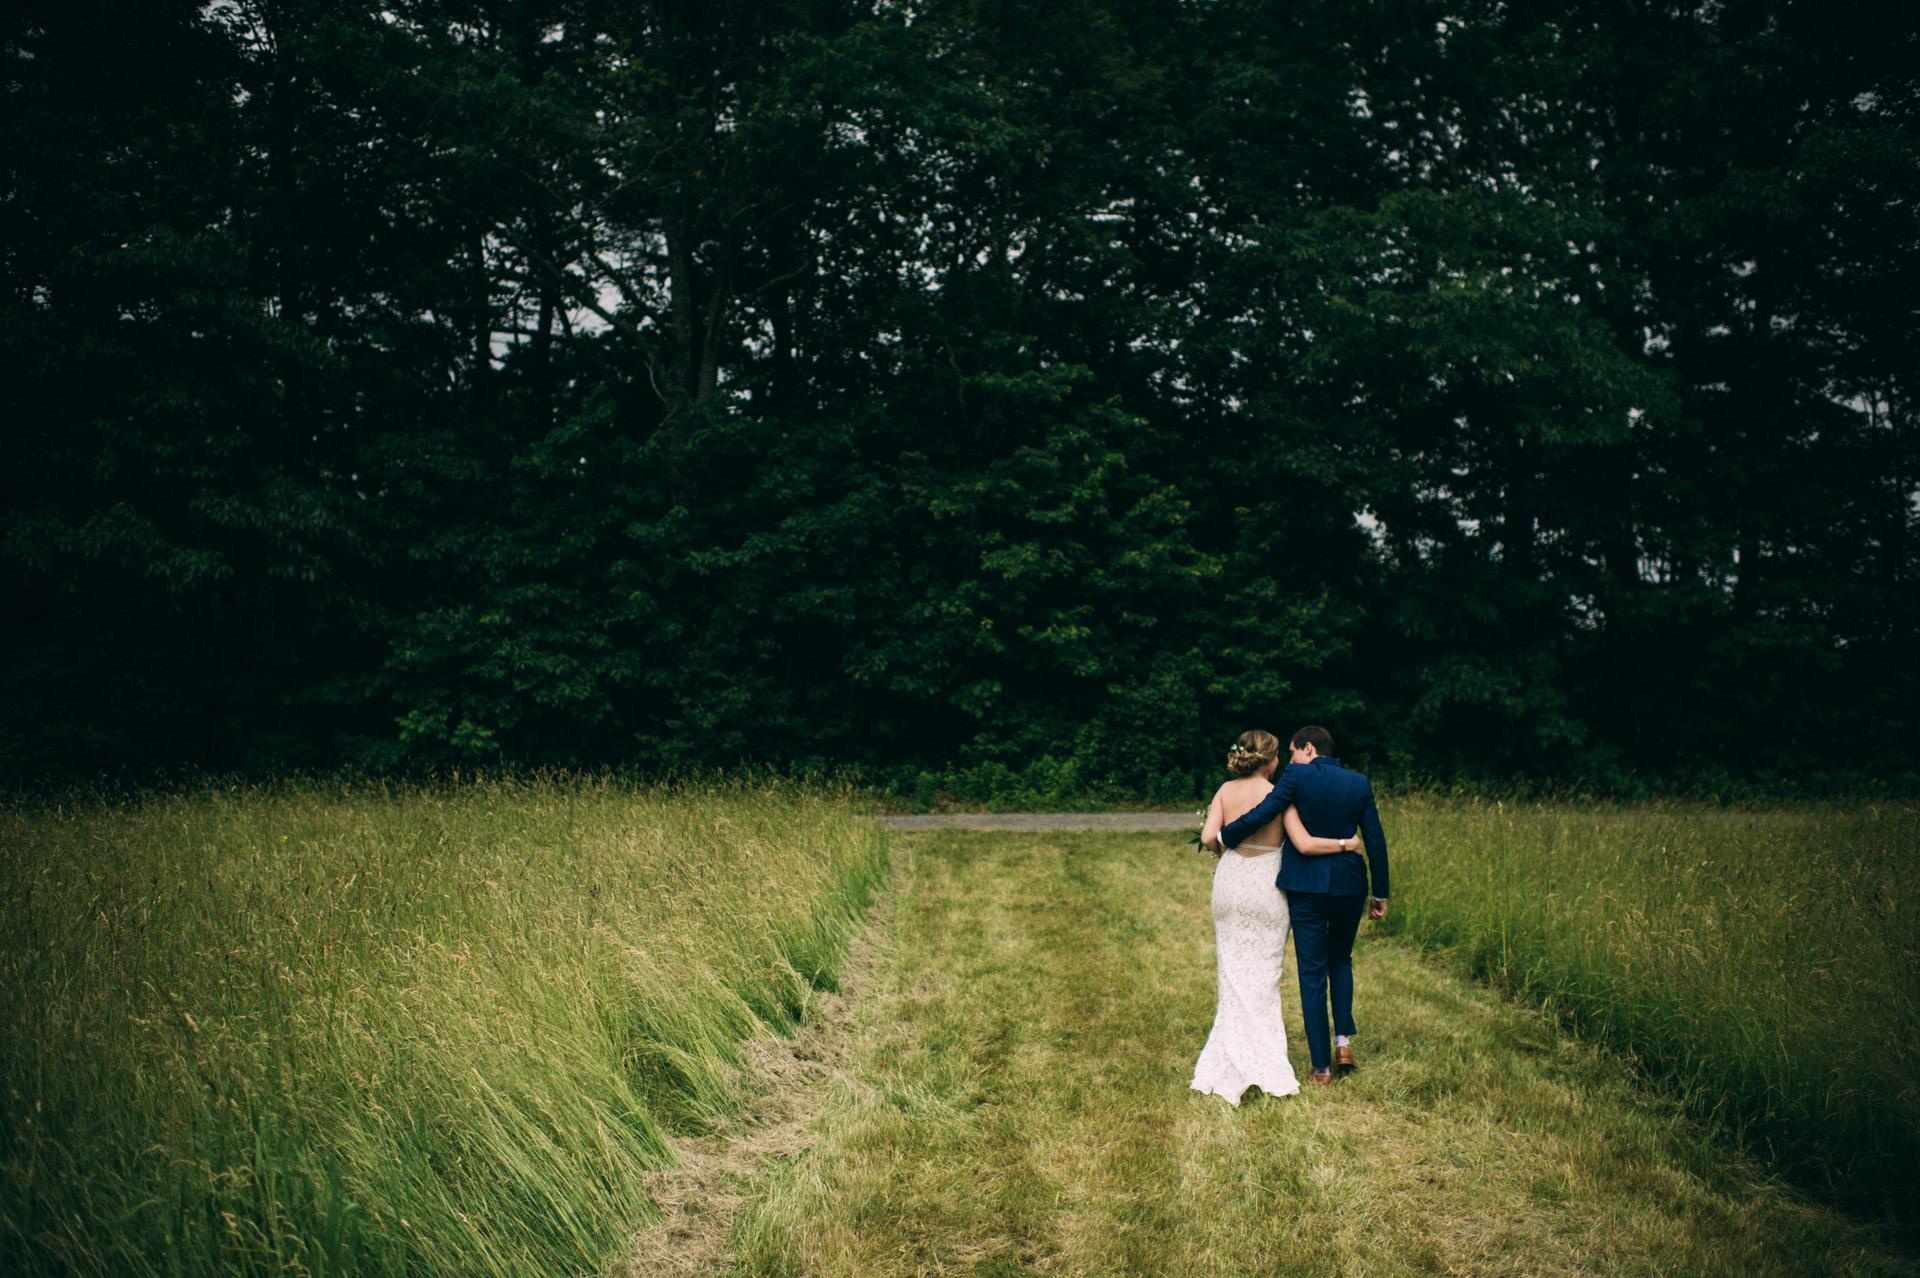 broadturn-farm-wedding-46